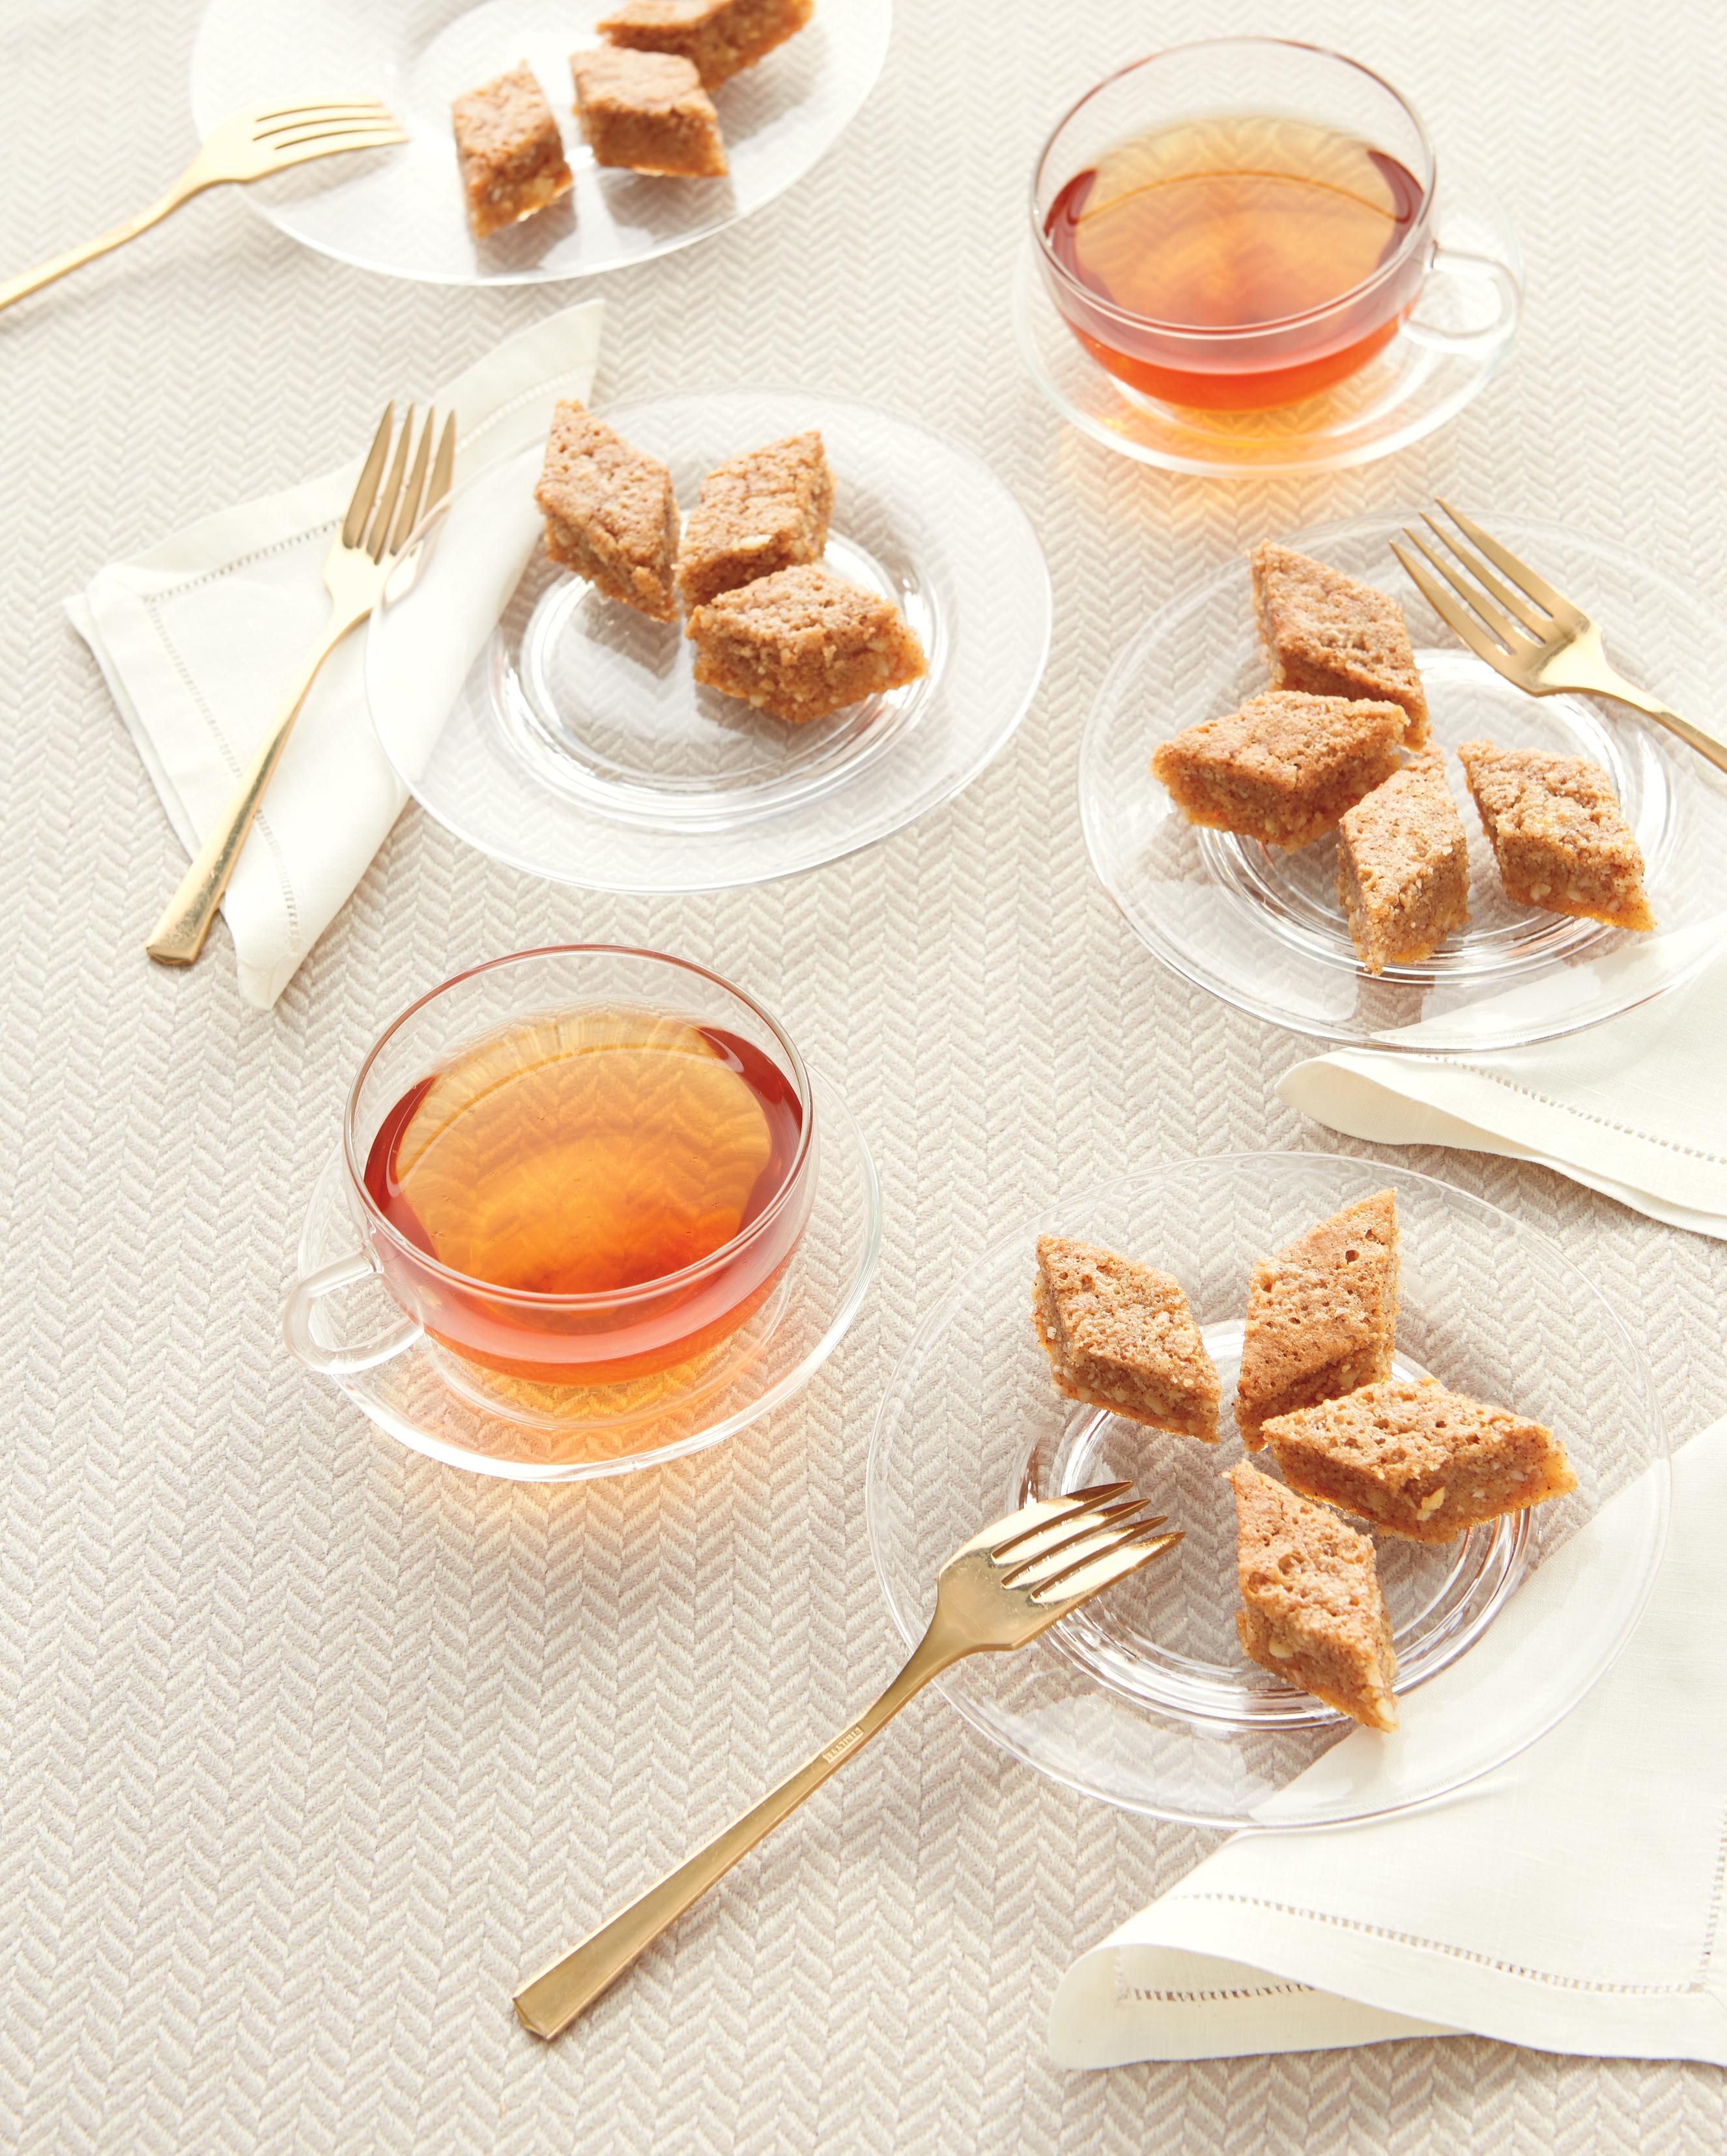 cookies-and-tea-036-d112122.jpg